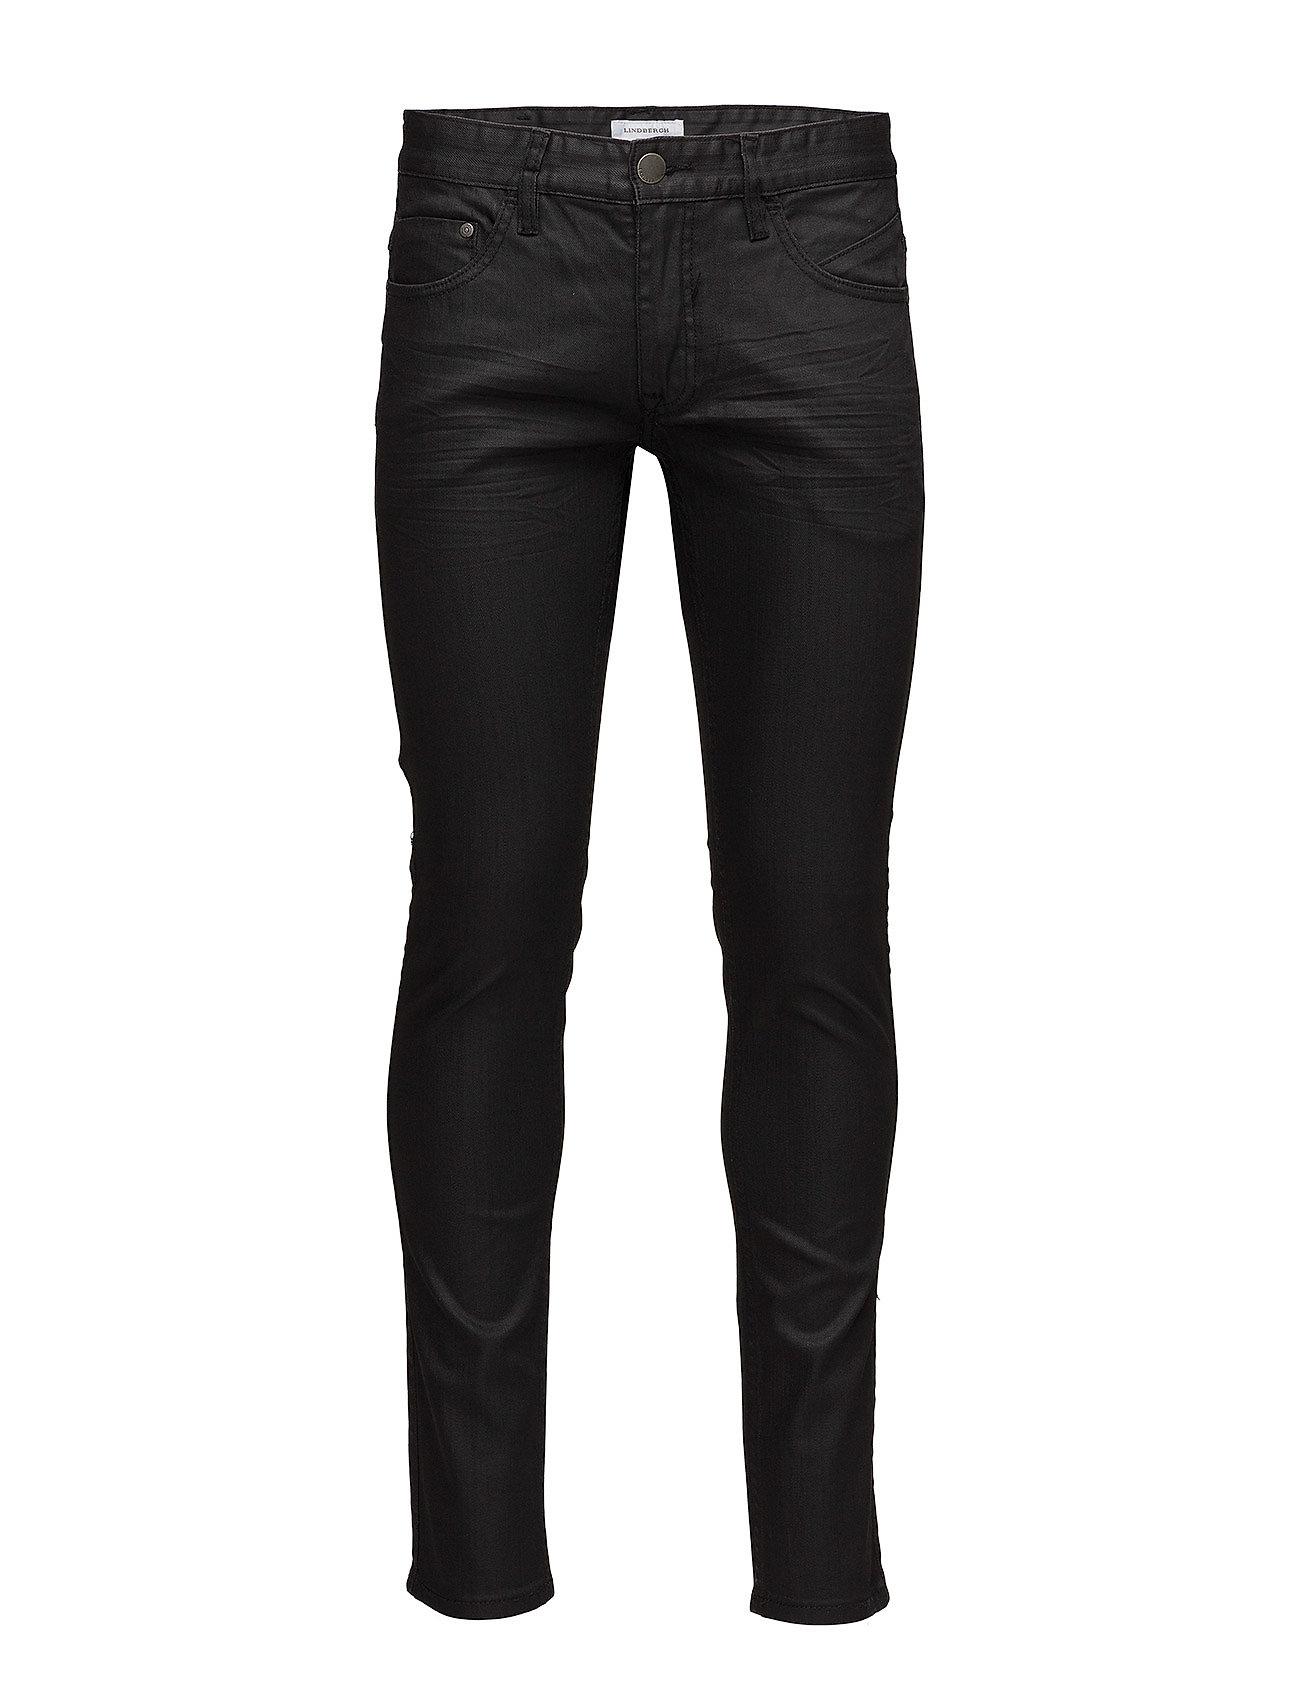 Lindbergh Mens 5 pocket stretch jeans - BLACK